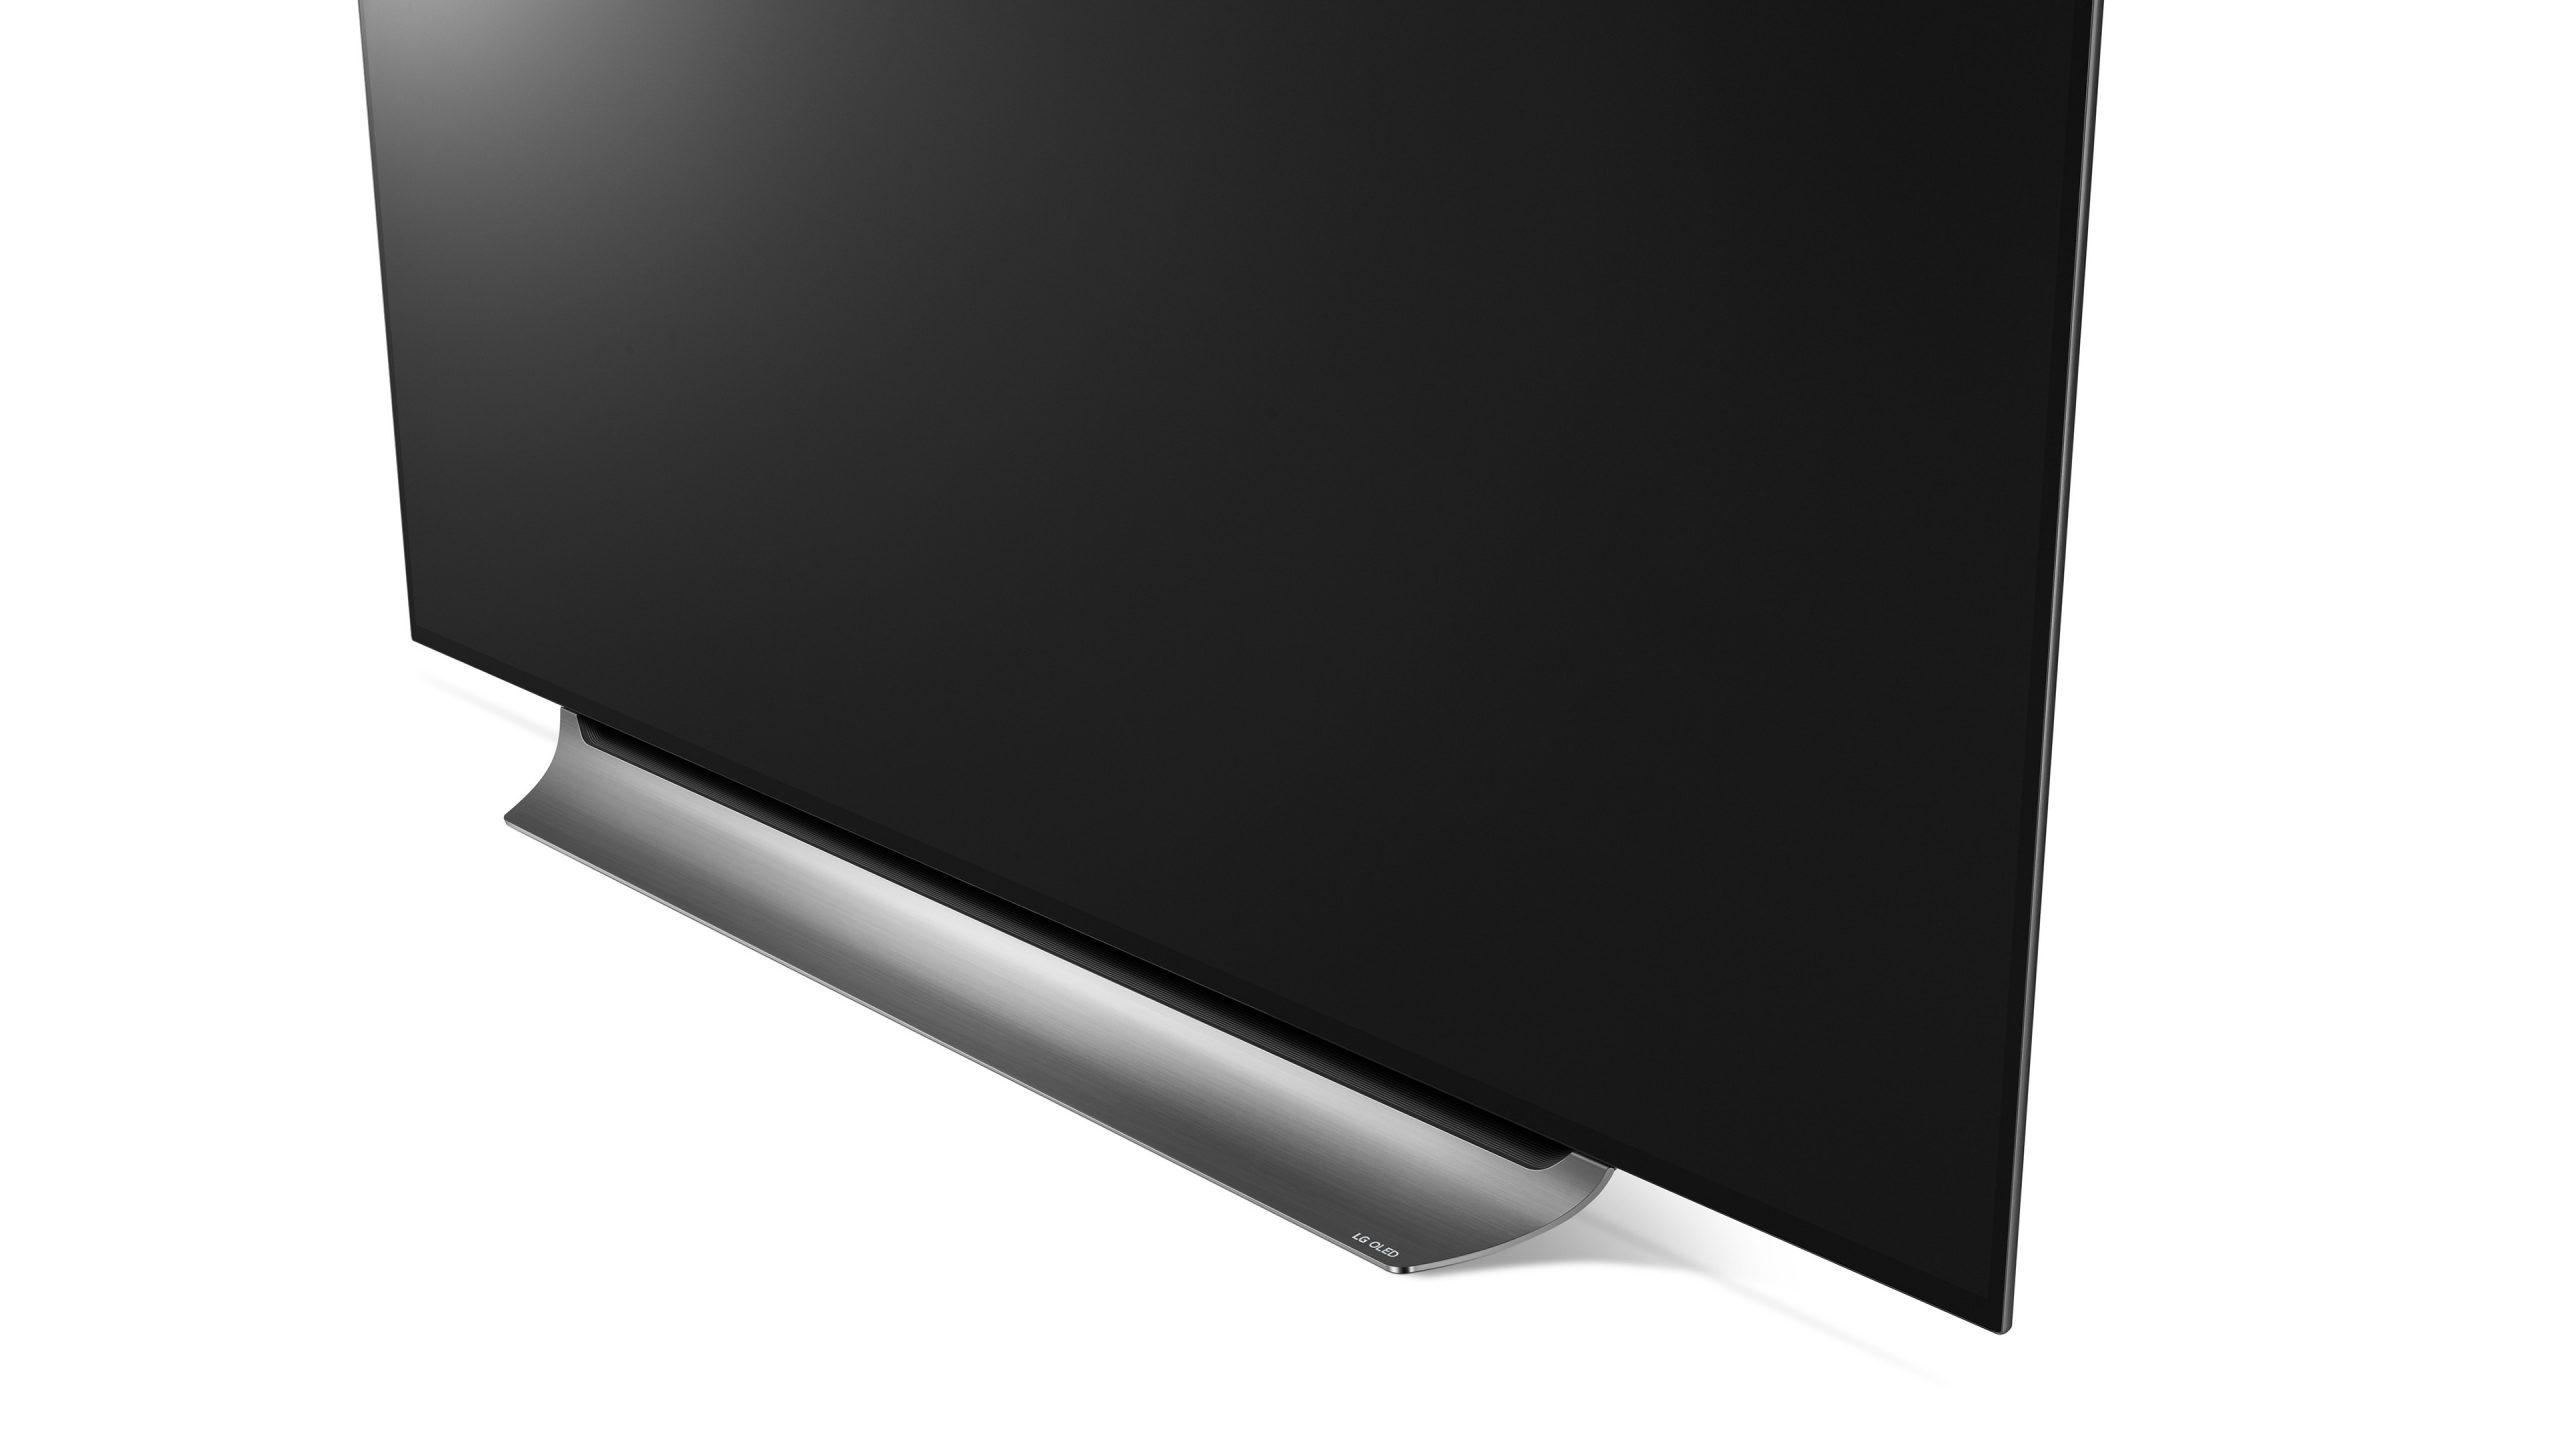 LG OLED77C9 det